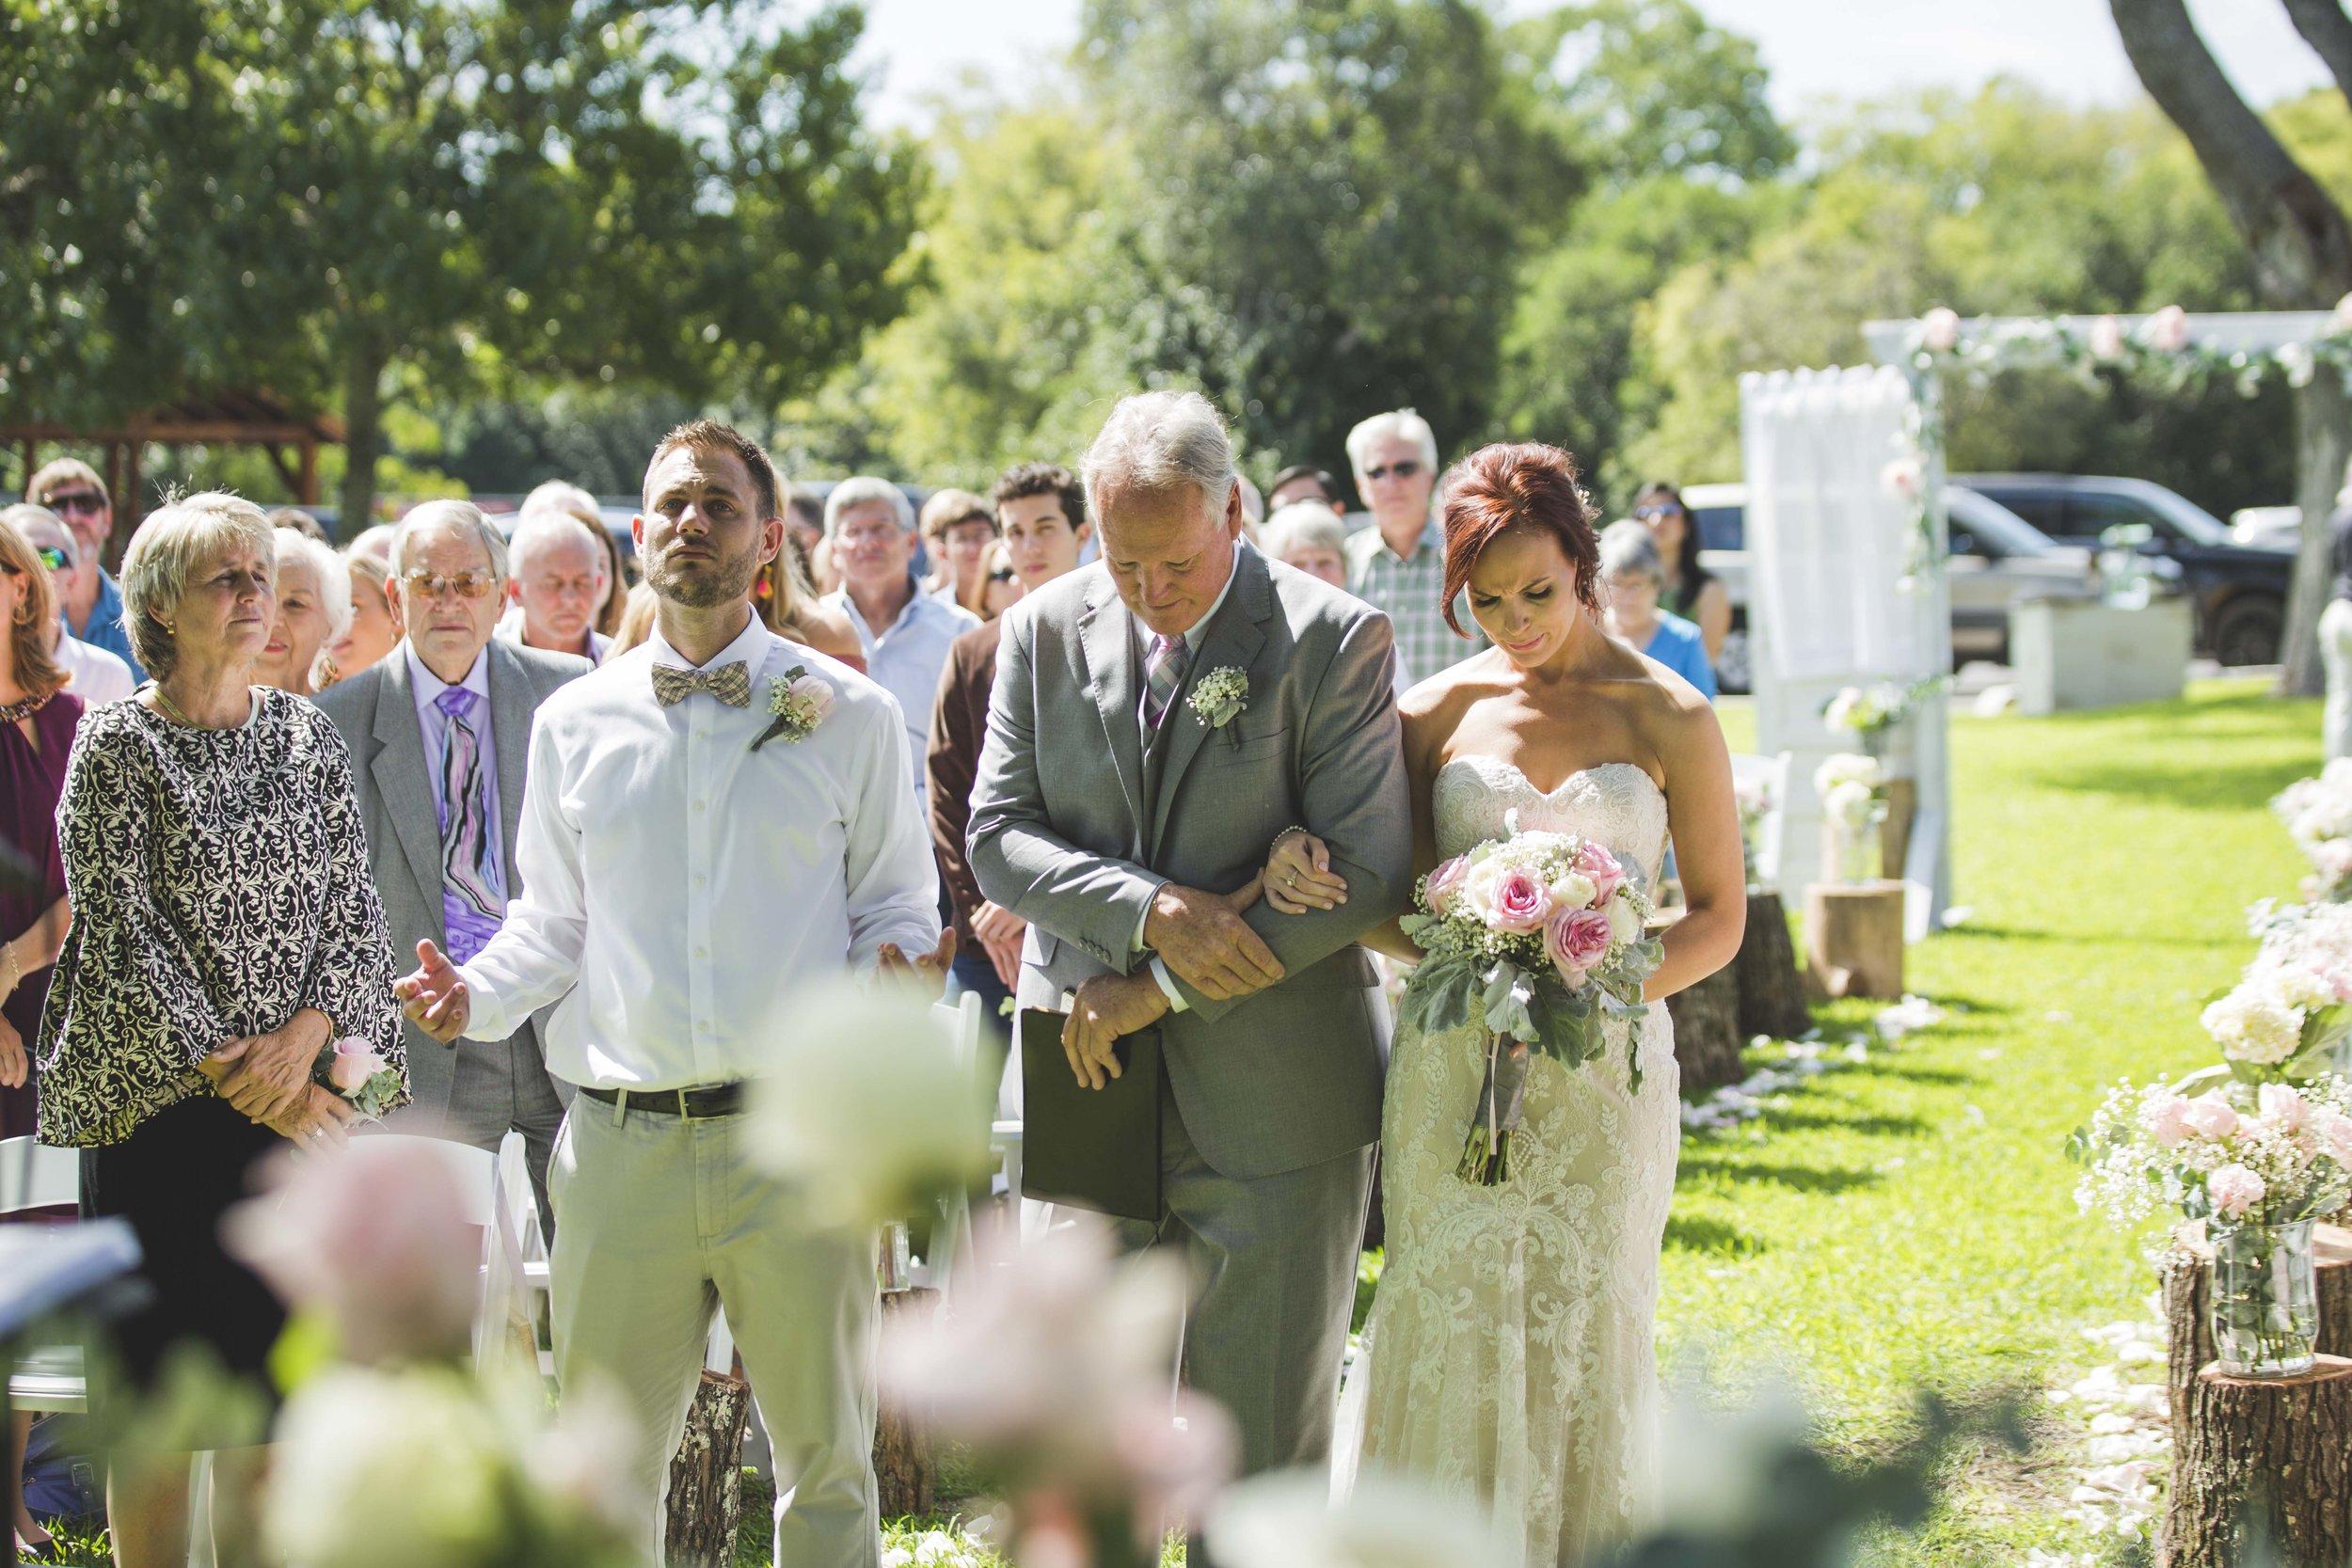 ATGI_Susanna & Matt Wedding_717A7576.jpg